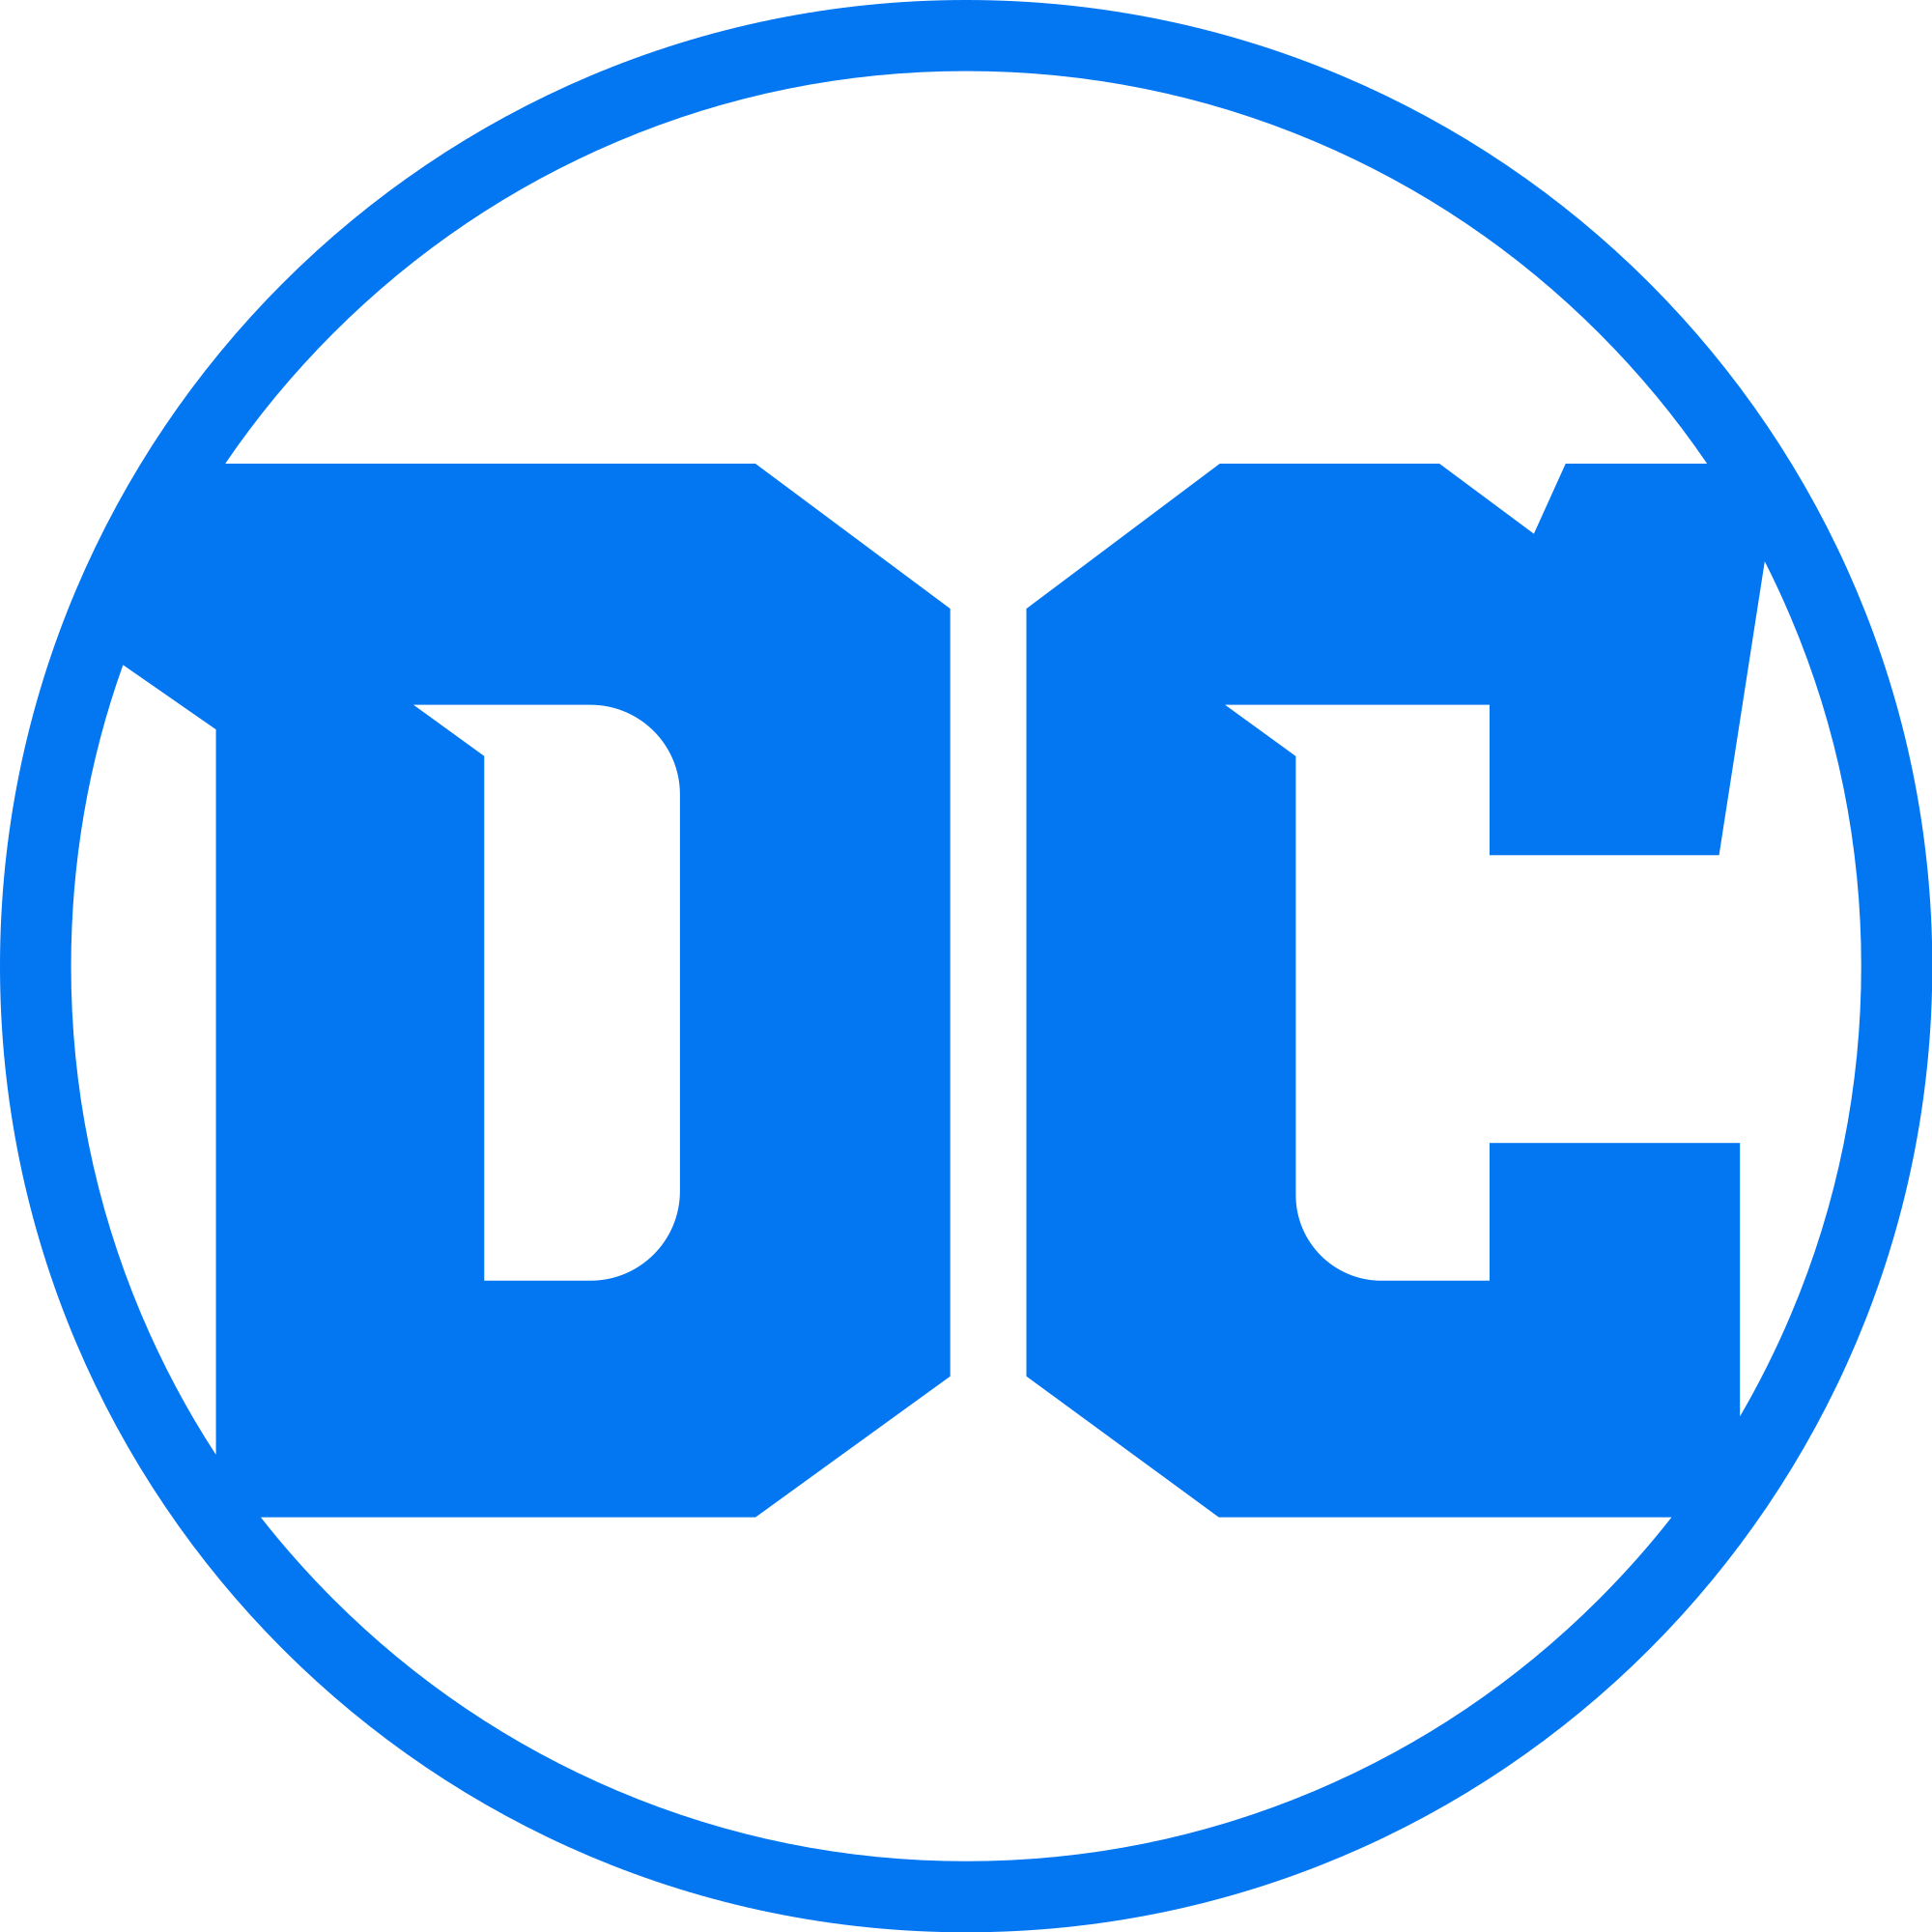 Open PlusPng.com  - Logo Dc Comics PNG